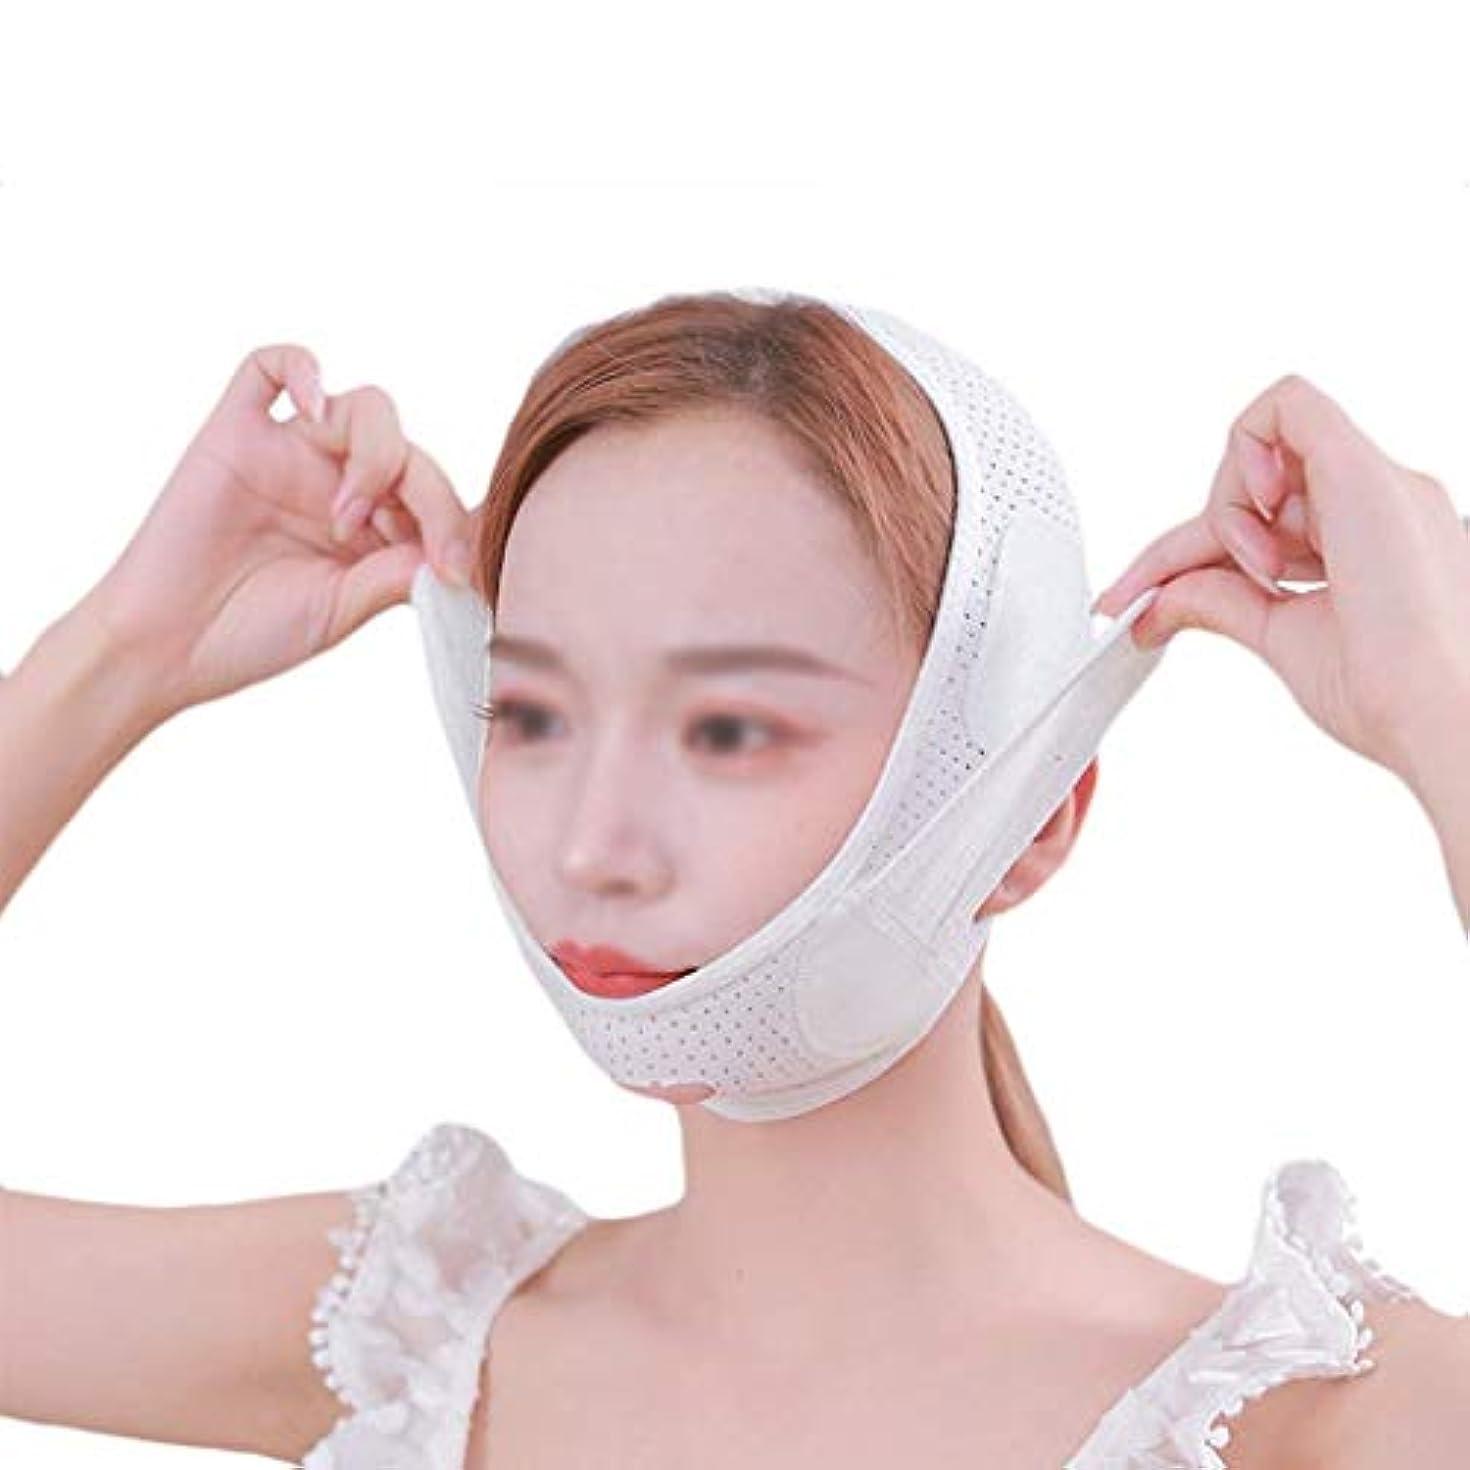 爆発物重大体操選手フェイシャルリフティング包帯、頬スリミングマスク包帯、フェイスリフティングファーミングフェースリフティング、リフティングダブルチンフェイシャルマスク(ホワイト、フリーサイズ)